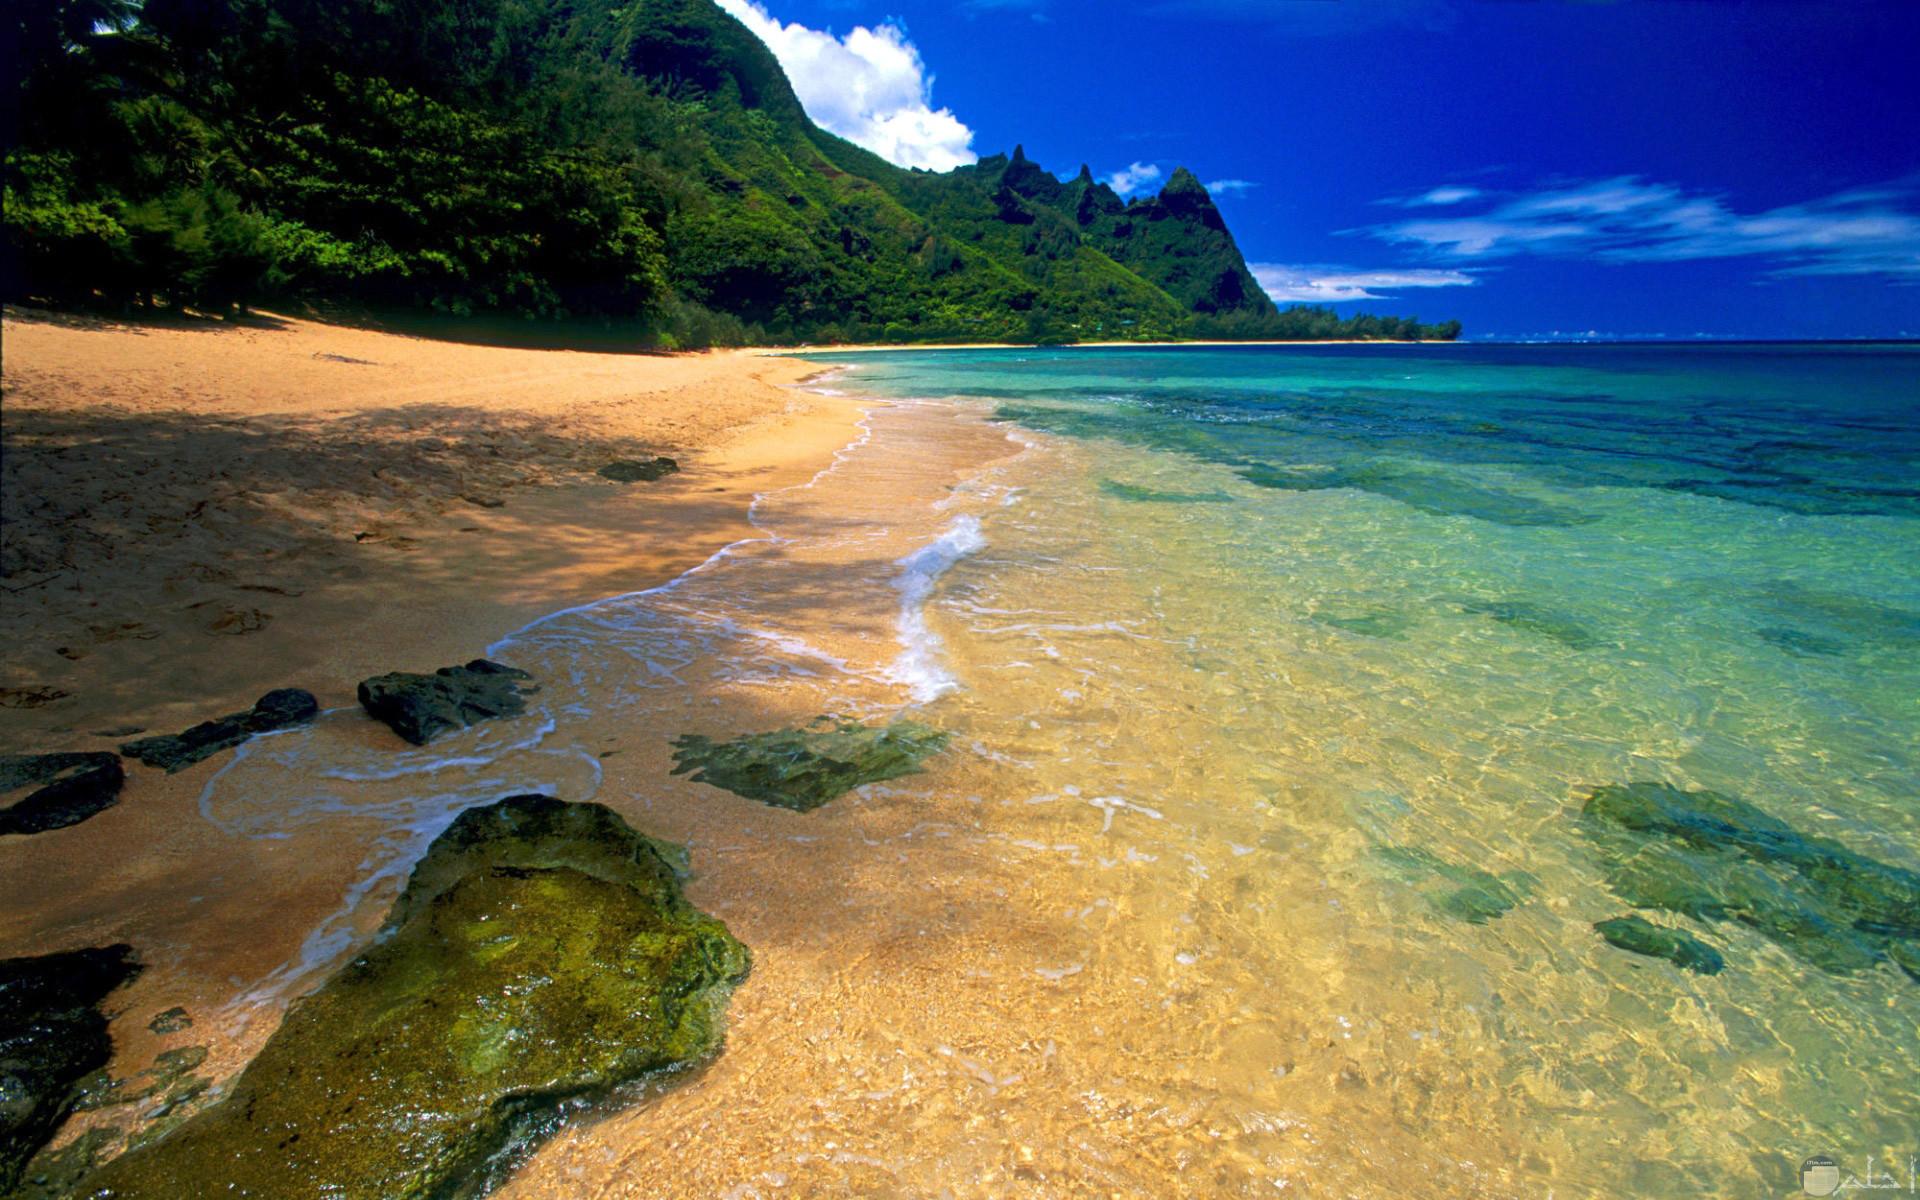 أجمل صور للبحر و الصخور مع ماء البحر الصافي الشفاف.